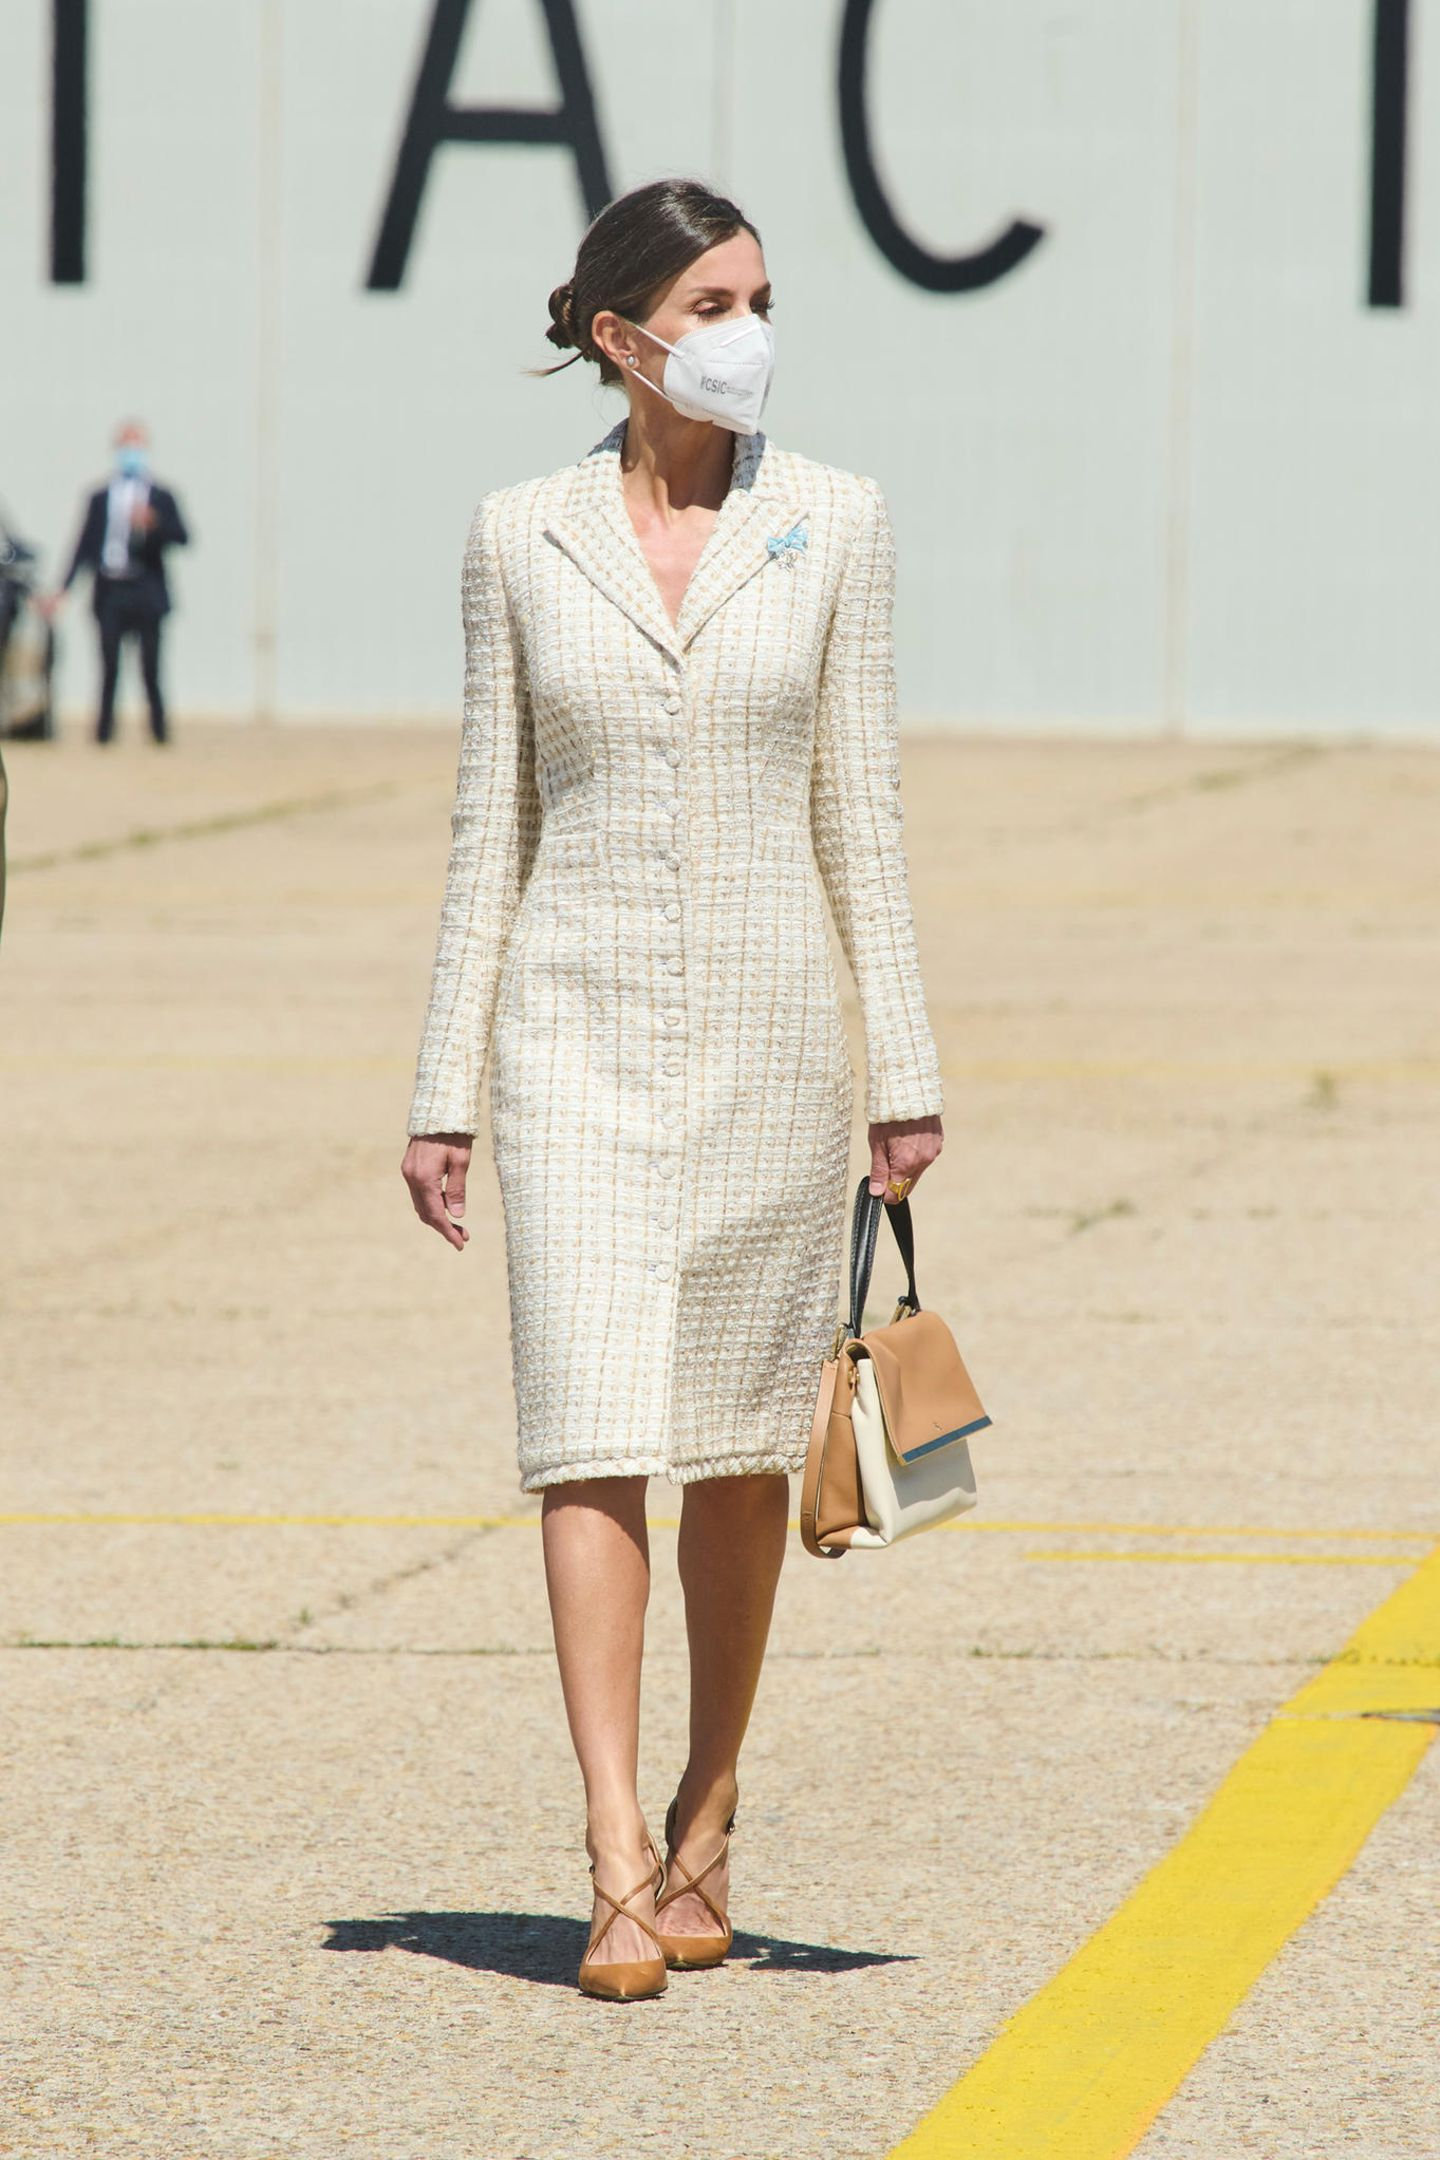 Königin Letizia besucht die Luftfahrtakademie in Madrid. Hierbei setzt die spanische Königin auf altbewährte Lieblinge: ein Mantelkleid von Verla kombiniert mit Schuhen von Magrit. Bei ihrer Handtasche handelt es sich um ein Modell von Carolina Herrera. Ein Label, das nicht nur bei den spanischen Royals angesagt ist - auch Herzogin Meghan zeigte sich am selbenWochenende in einem roten Blumenkleid des amerikanischen Labels.